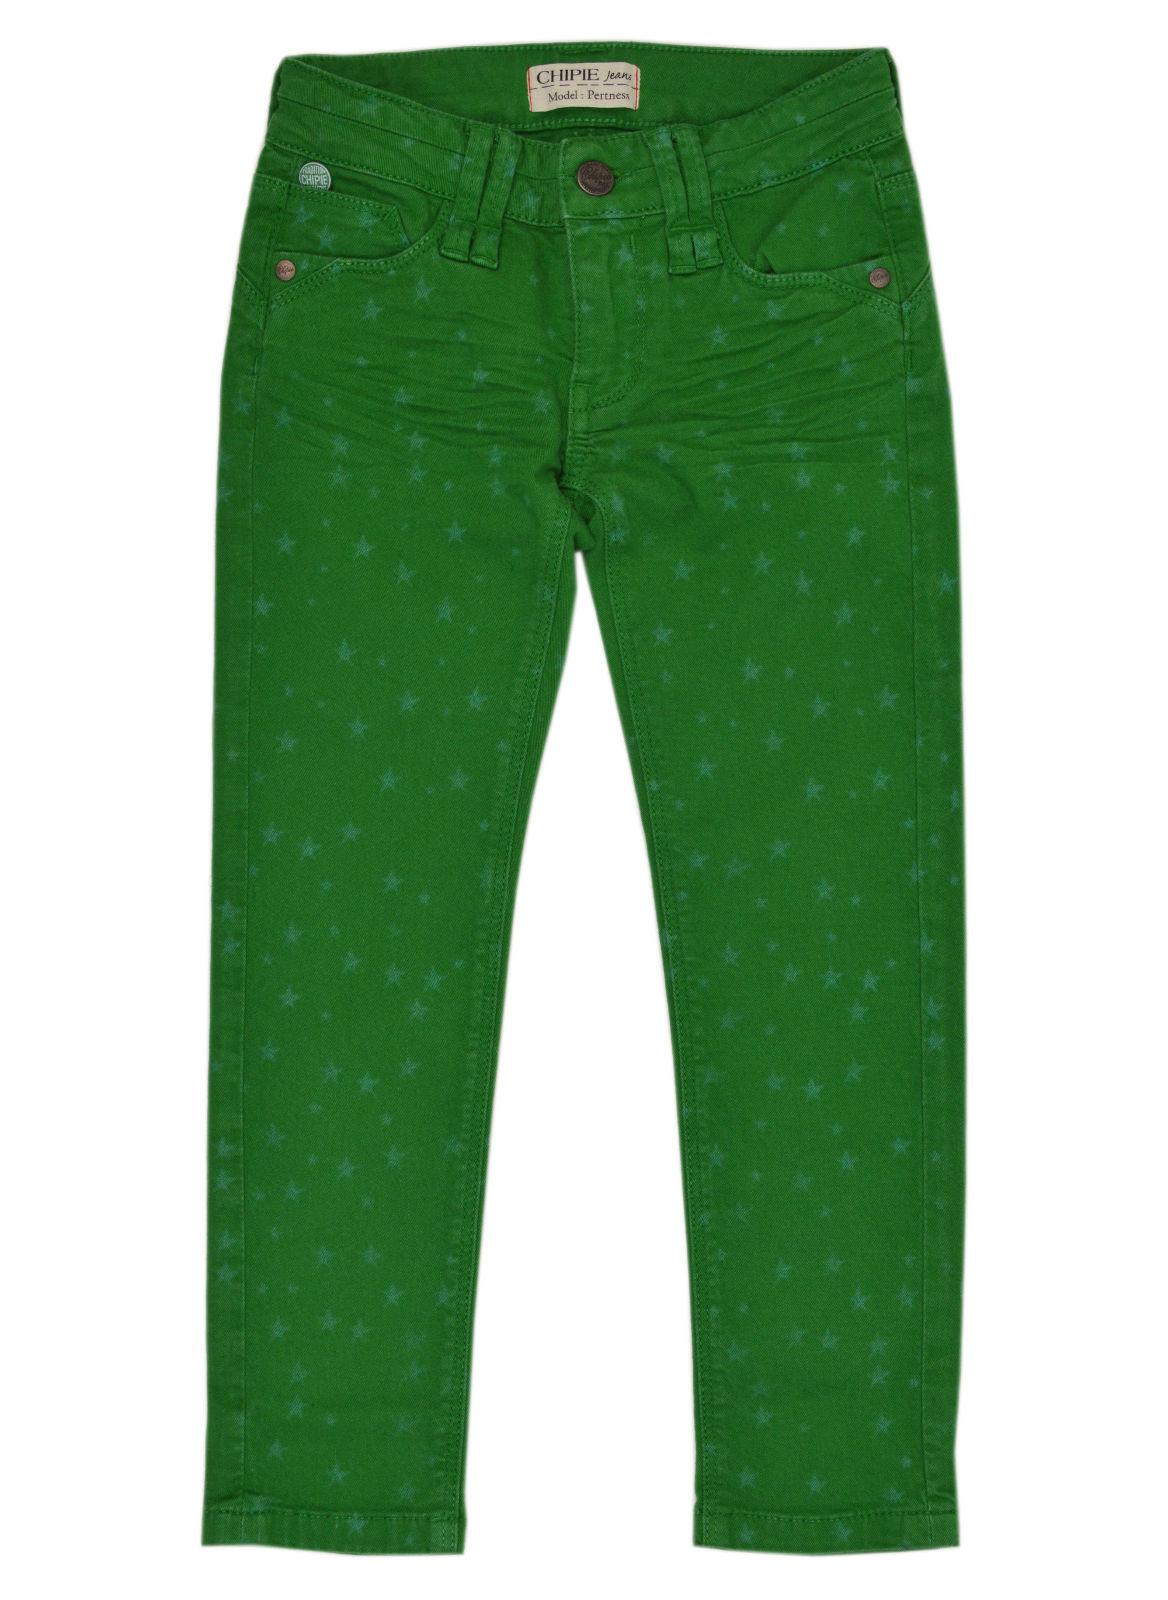 Mädchen in grünen Shorts